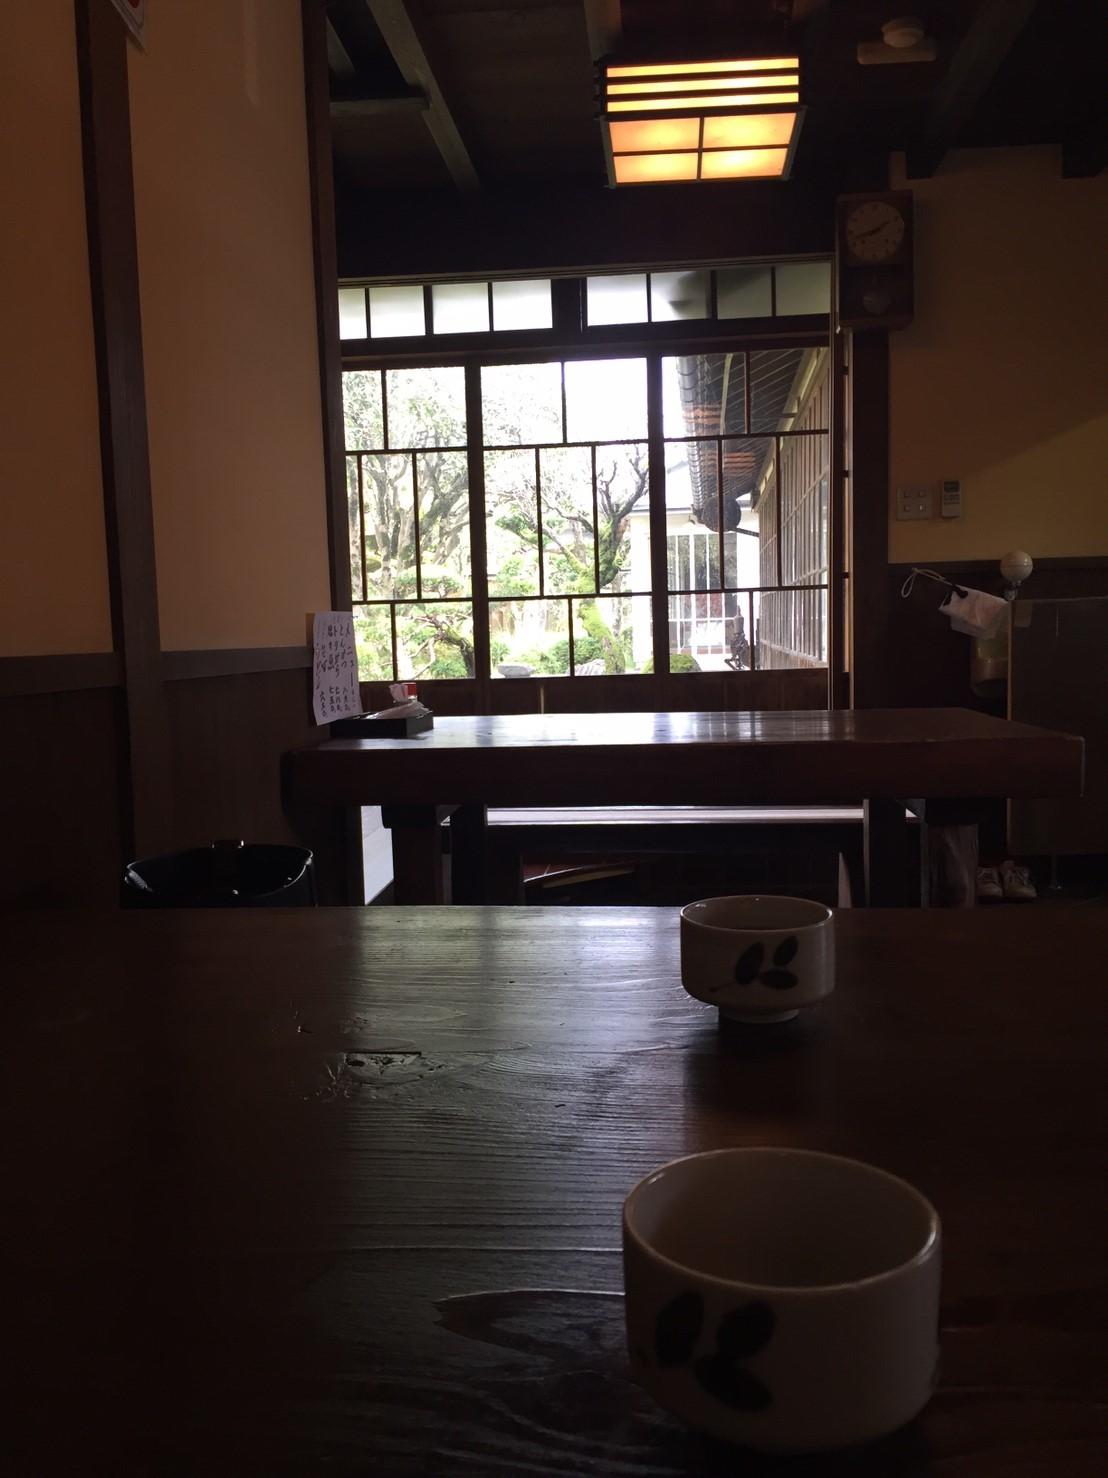 食事処 塩屋出店 たけよし & 喫茶樹里 閉店_e0115904_21300710.jpg